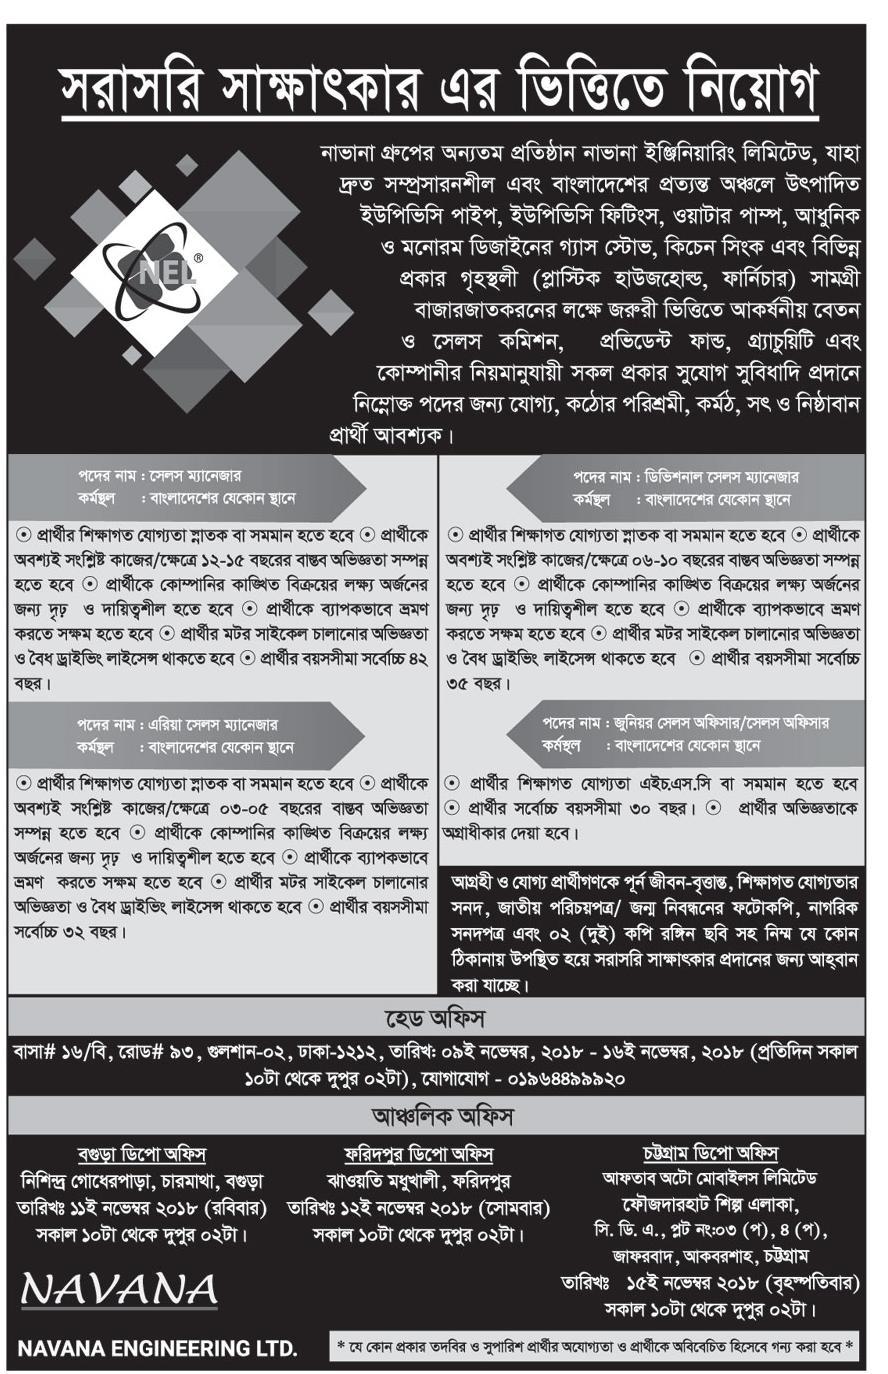 Navana Engineering Limited Job Circular 2018